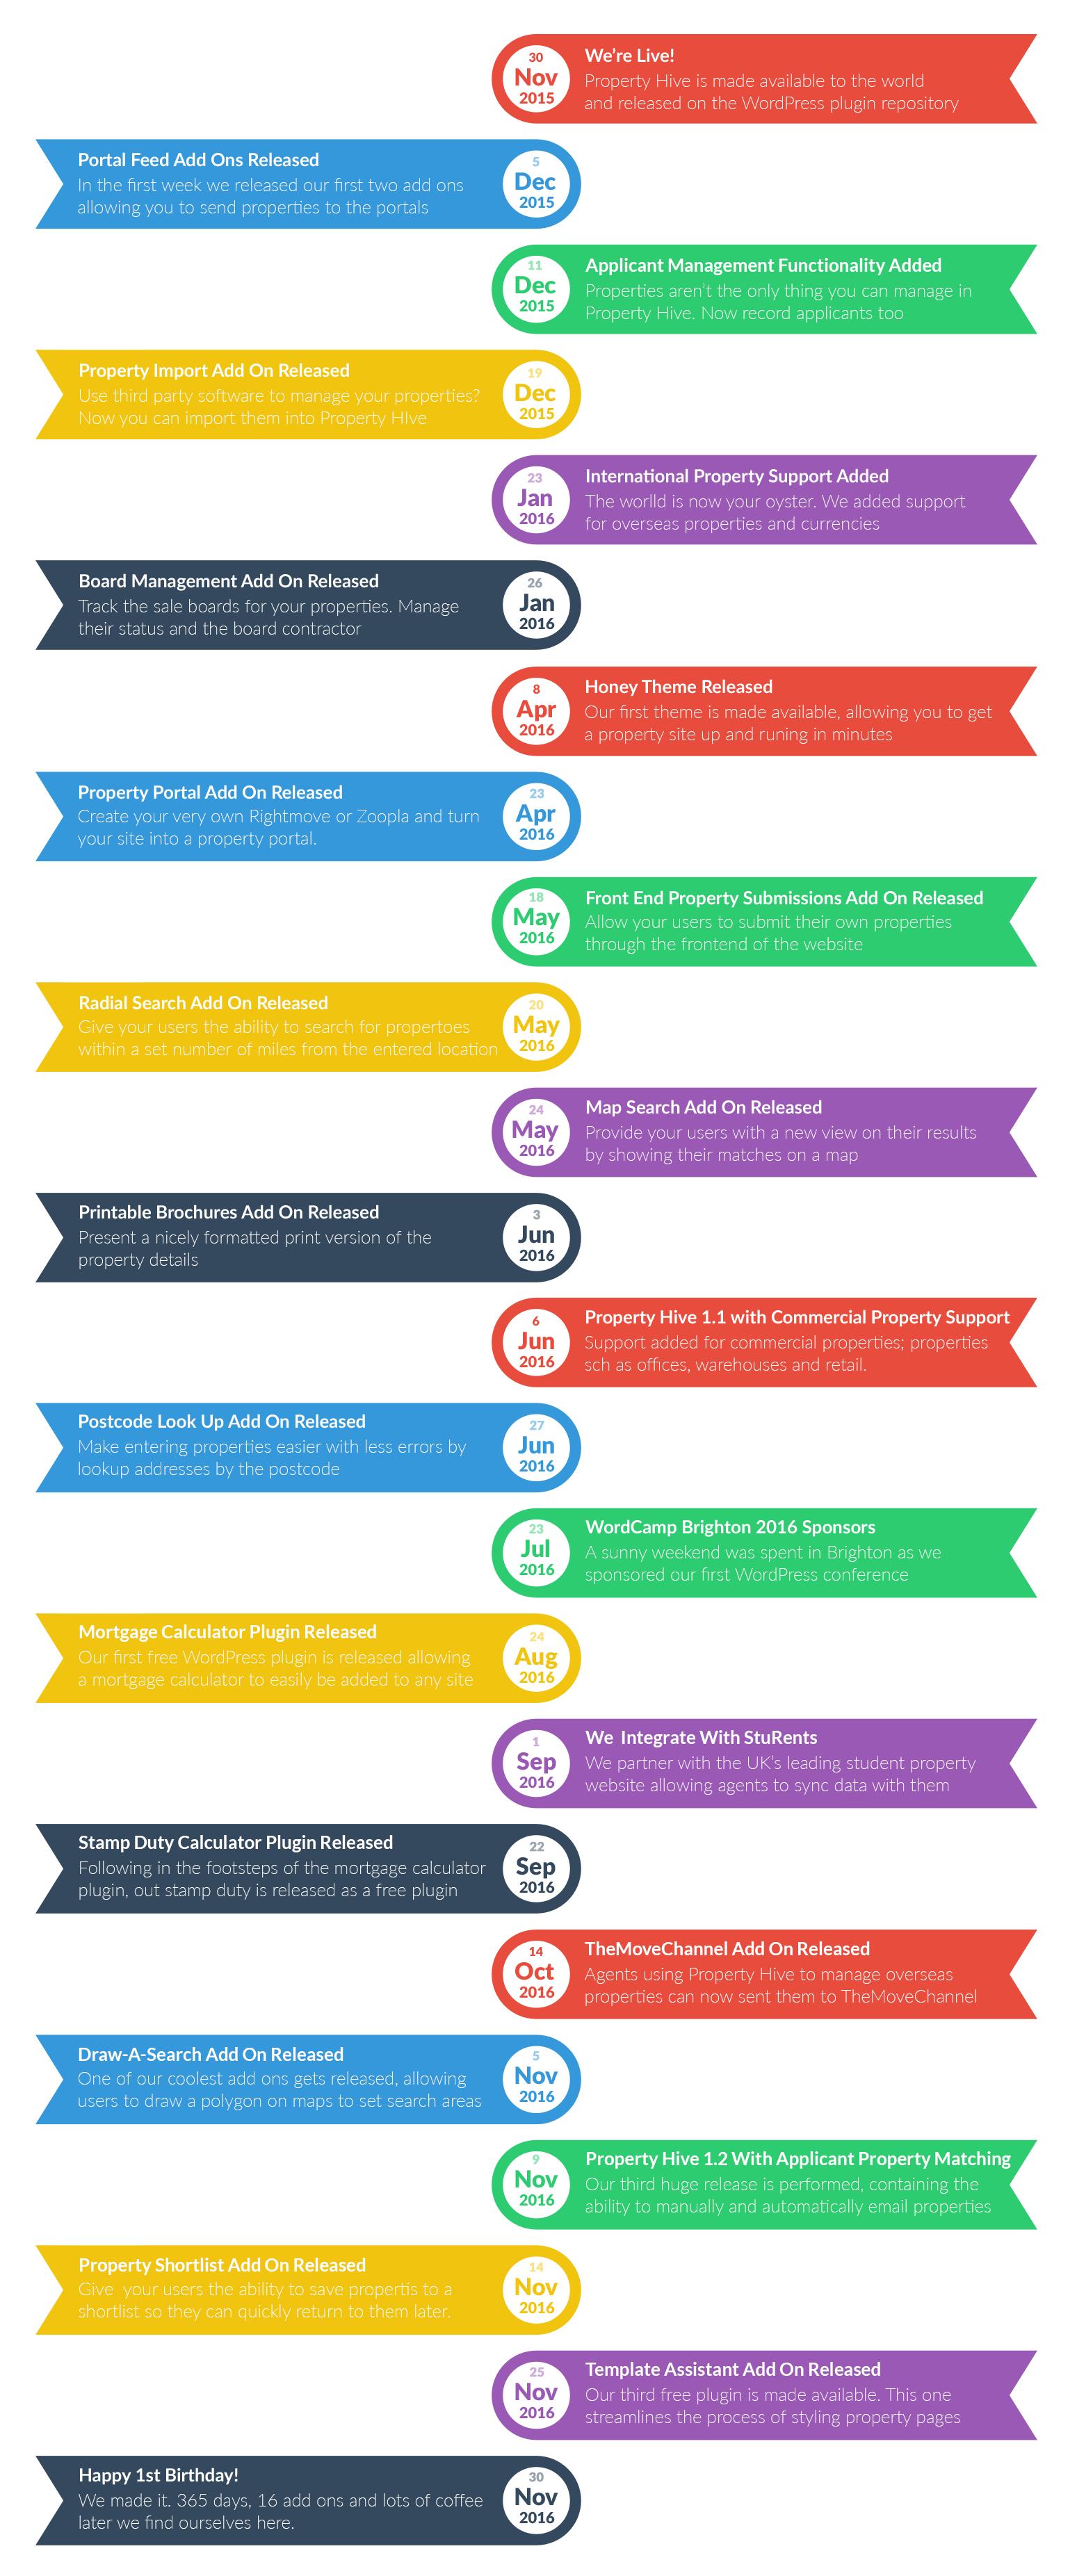 2016 Property Hive Timeline